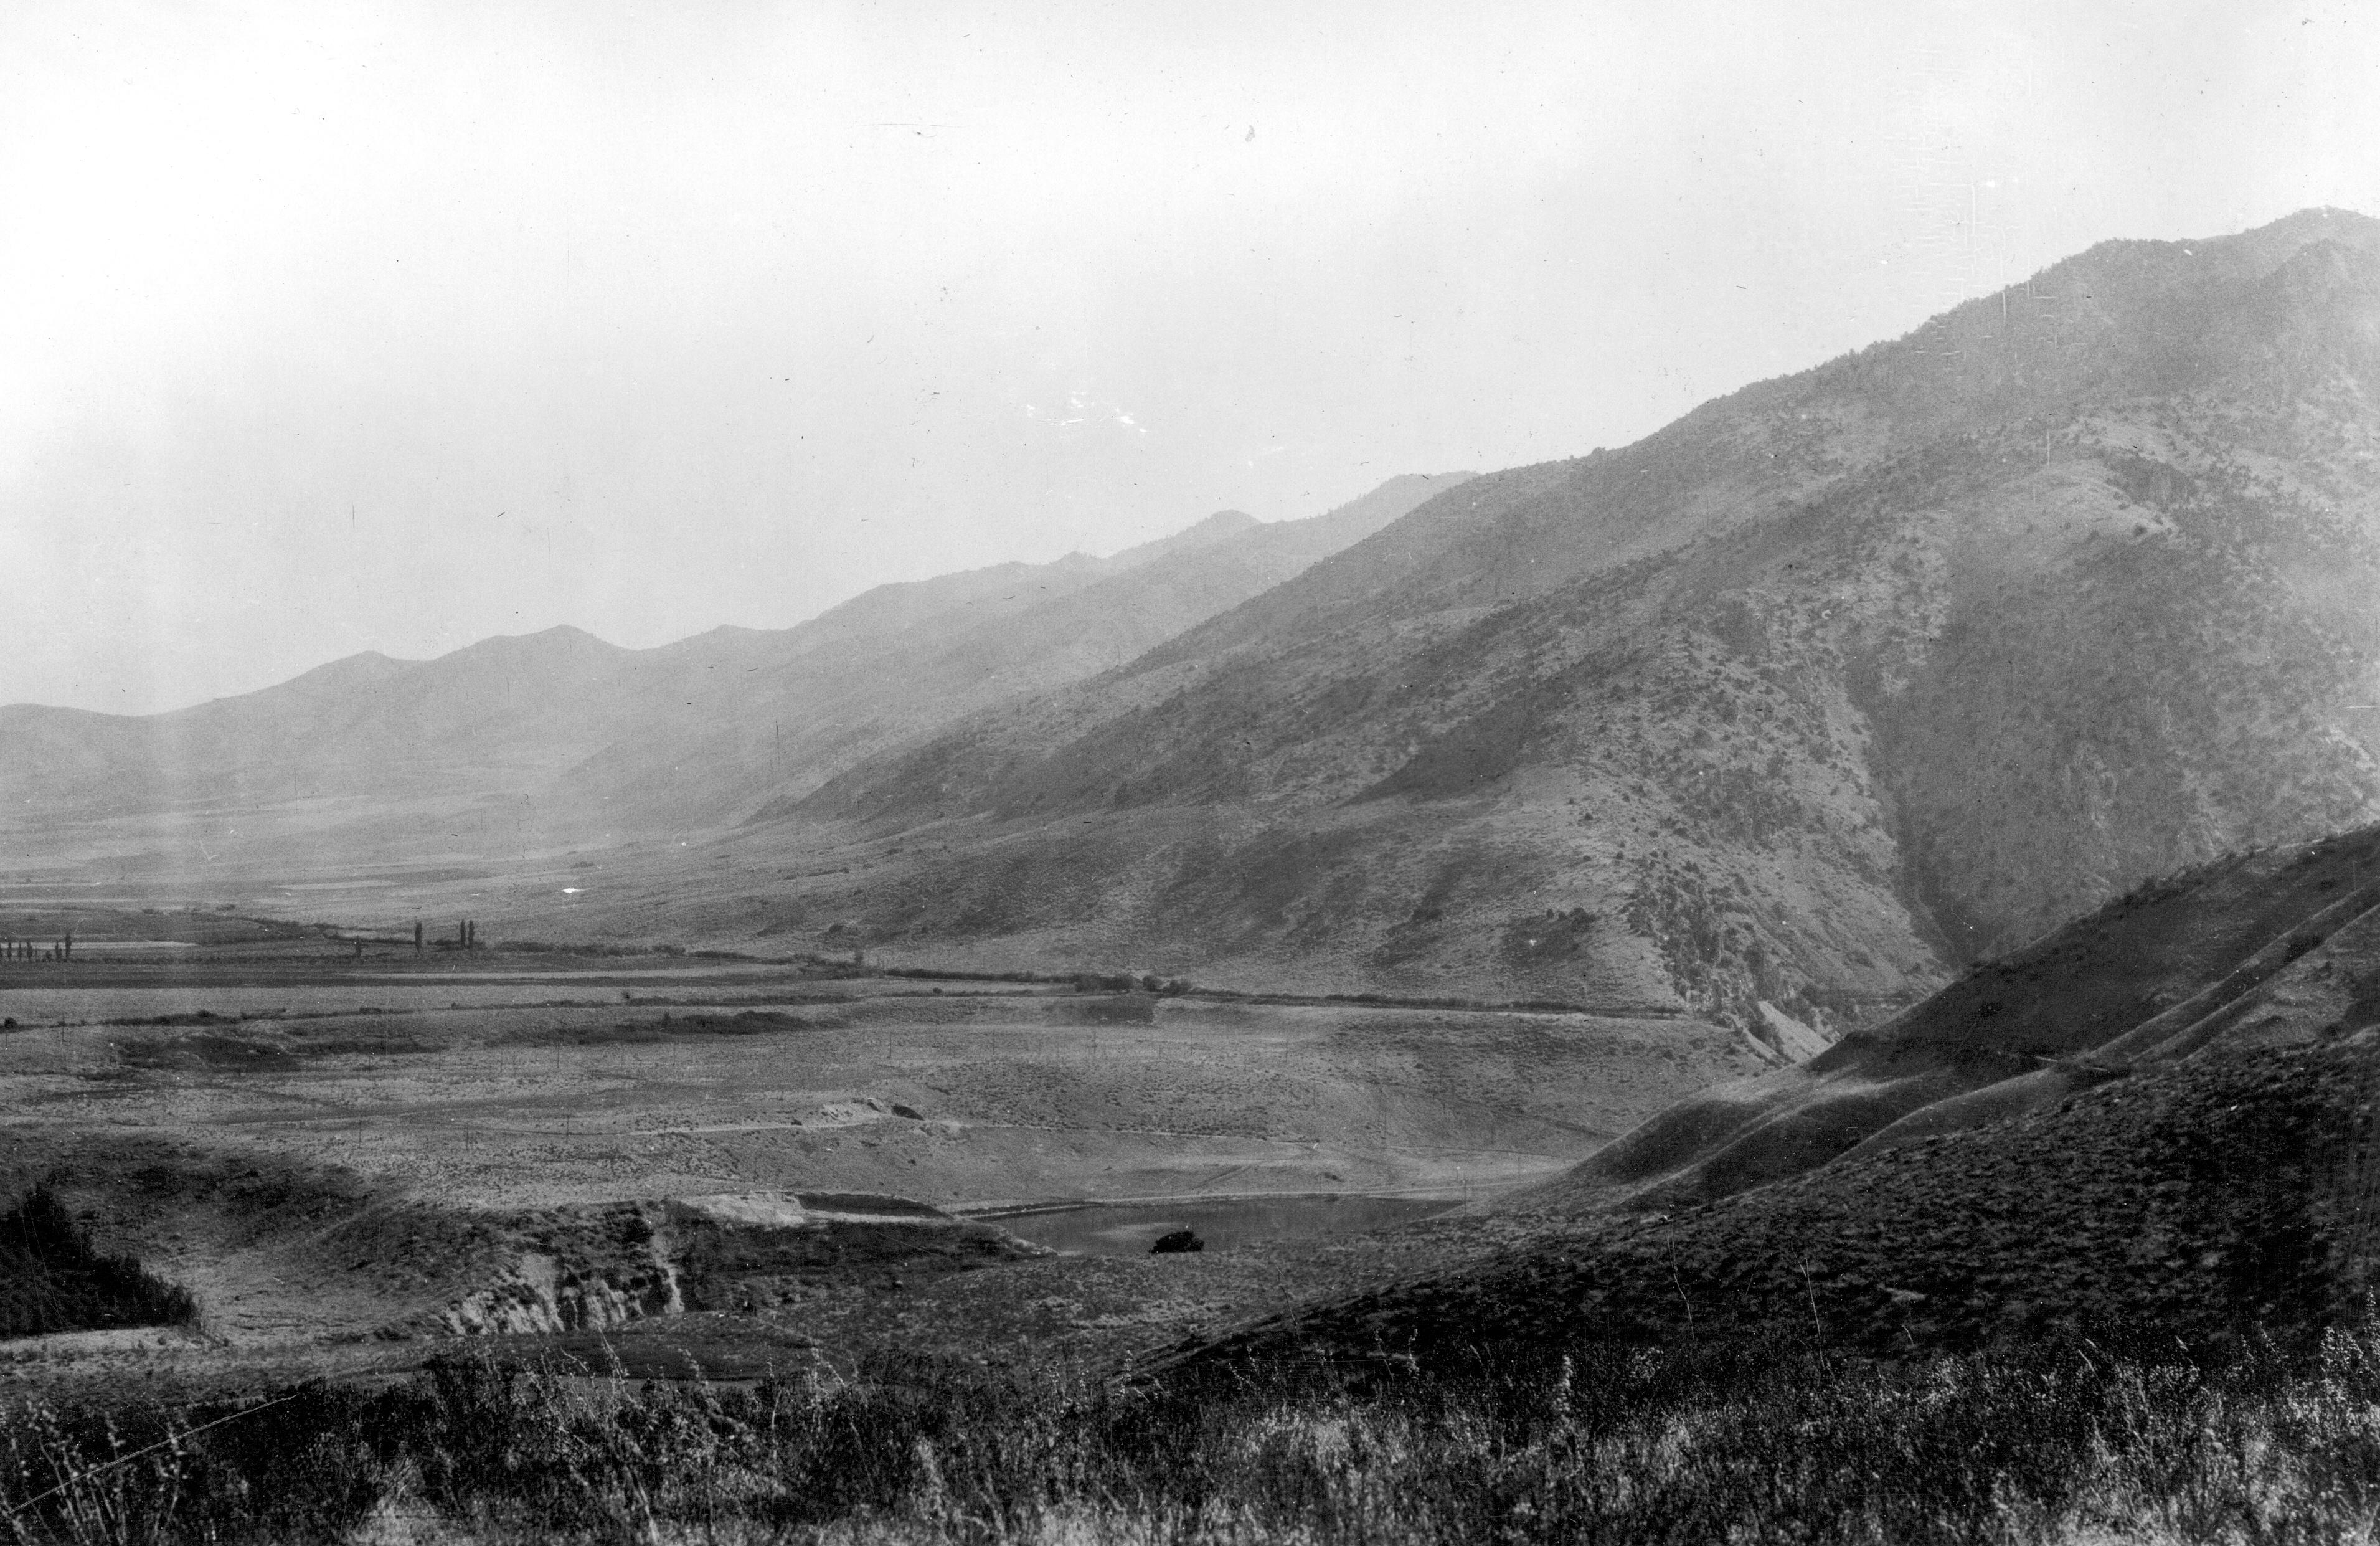 Deltaic deposits of Lake Bonneville near Logan, Utah.